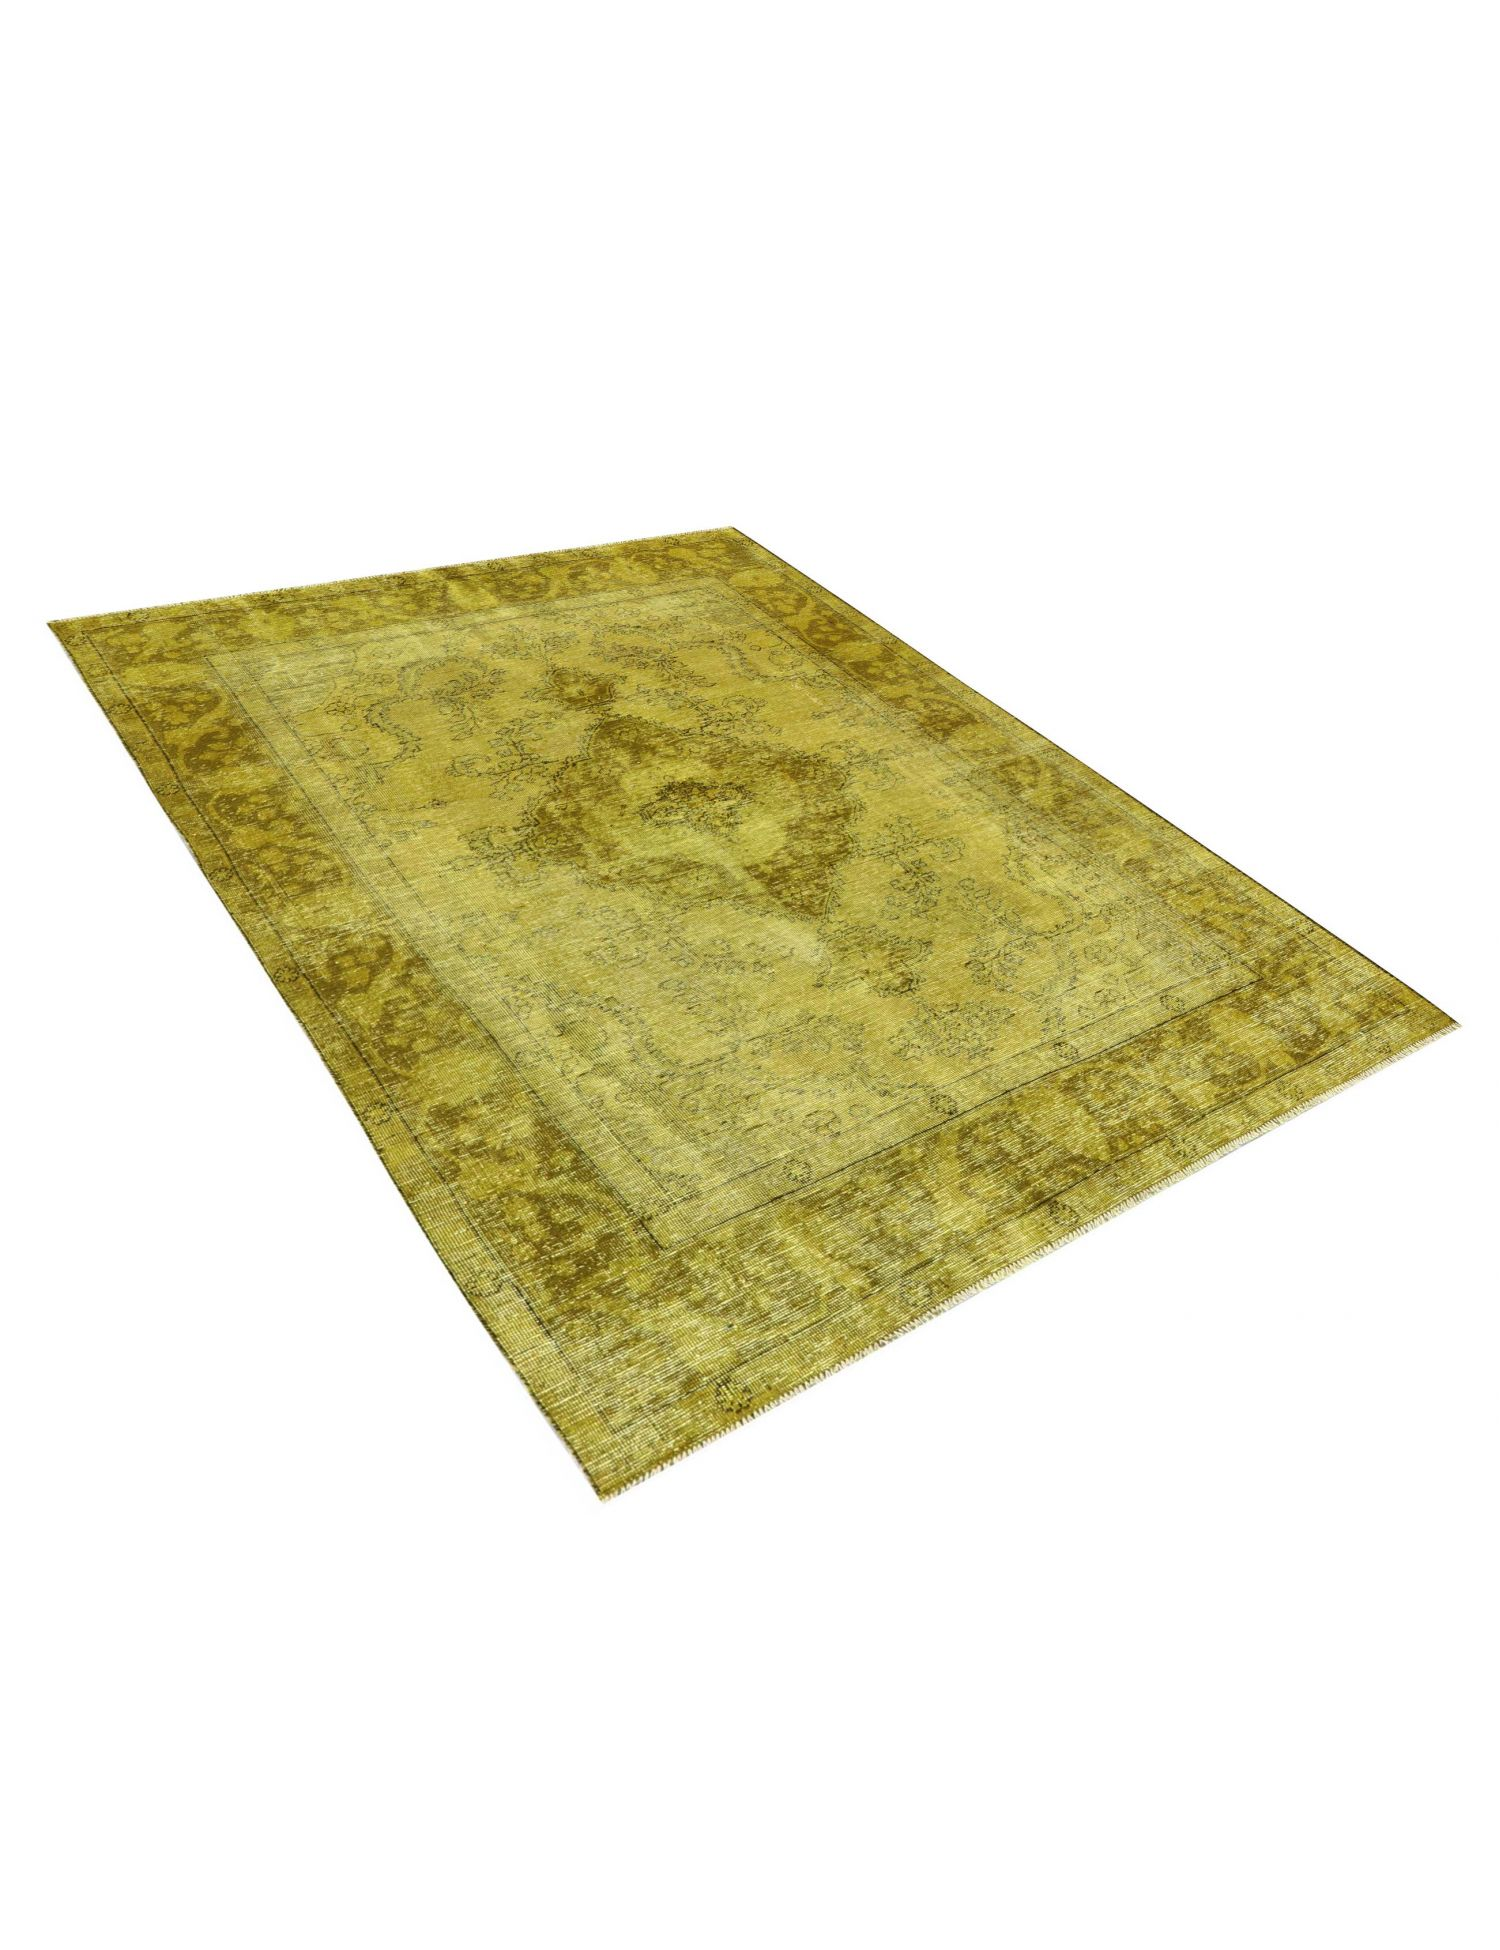 Vintage Teppich  gelb <br/>288 x 197 cm